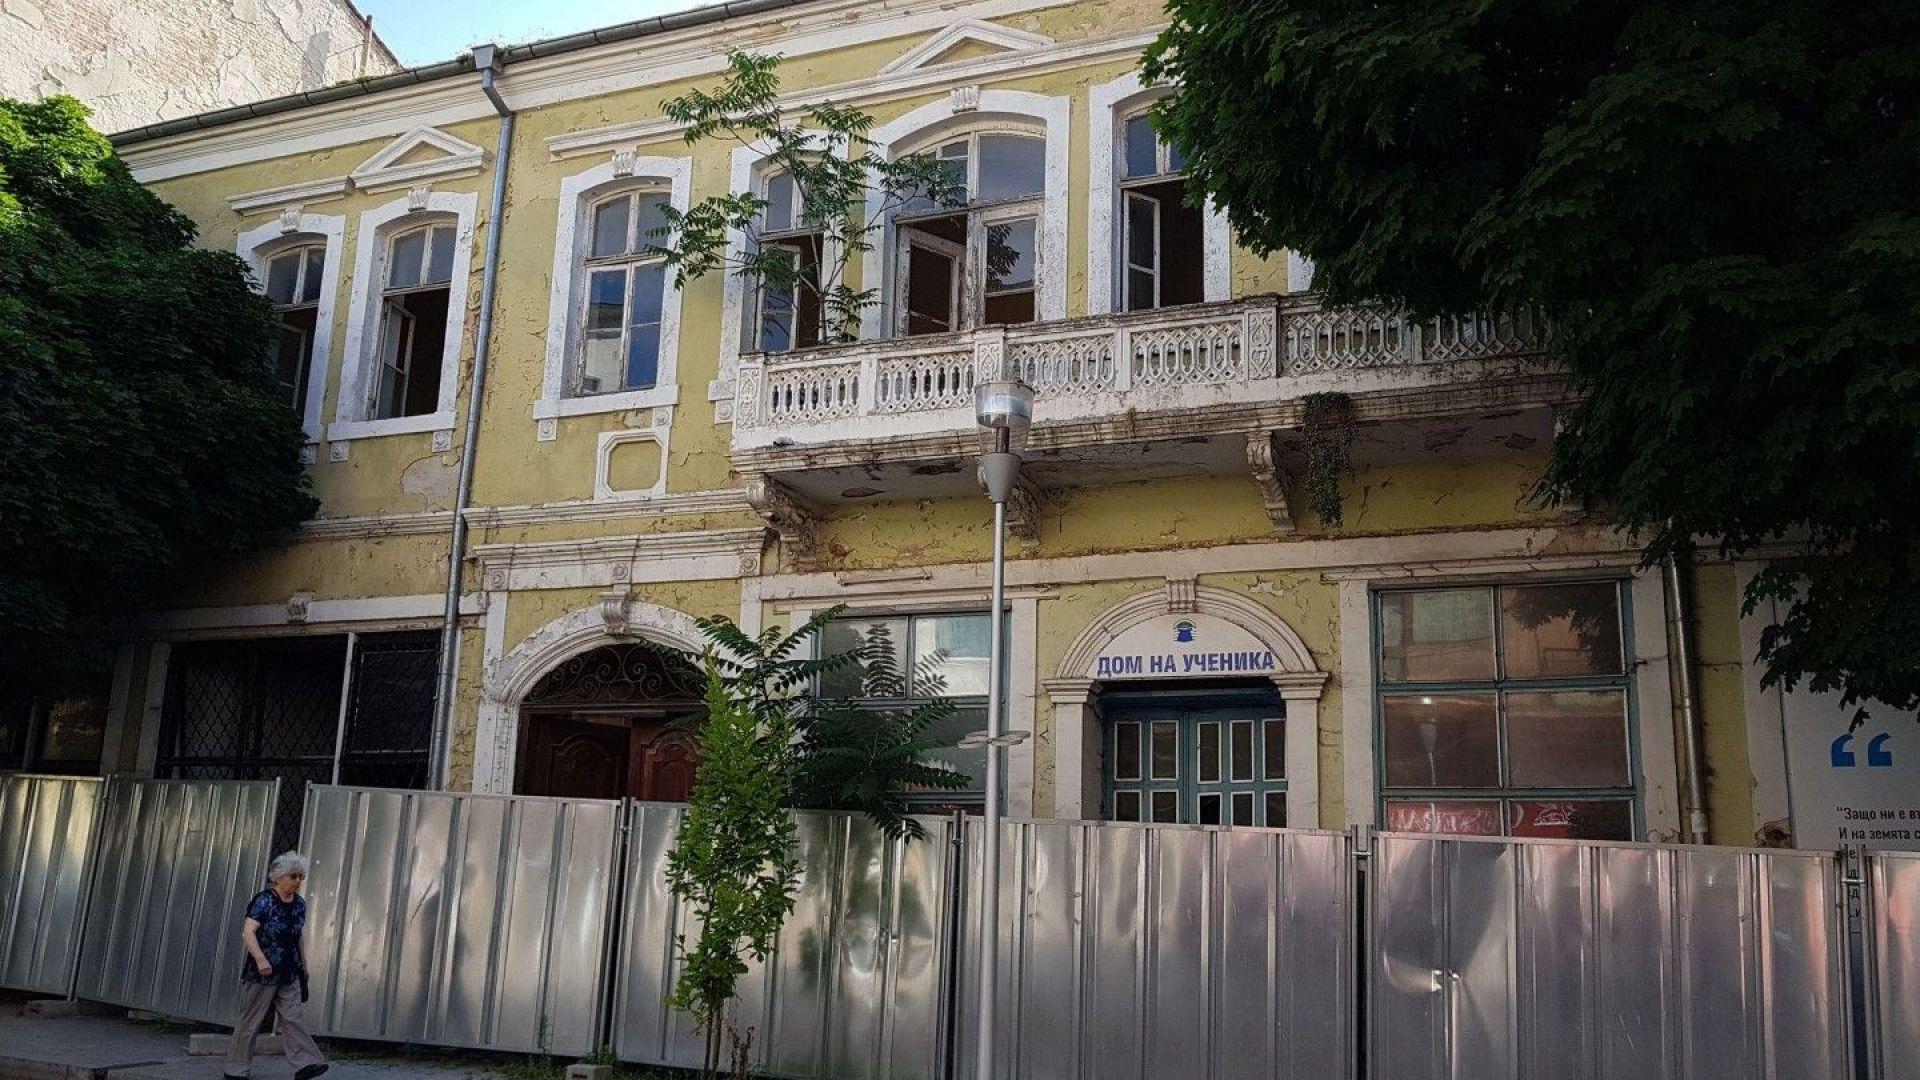 Ценен архитектурен паметник ще бъде спасен във Варна